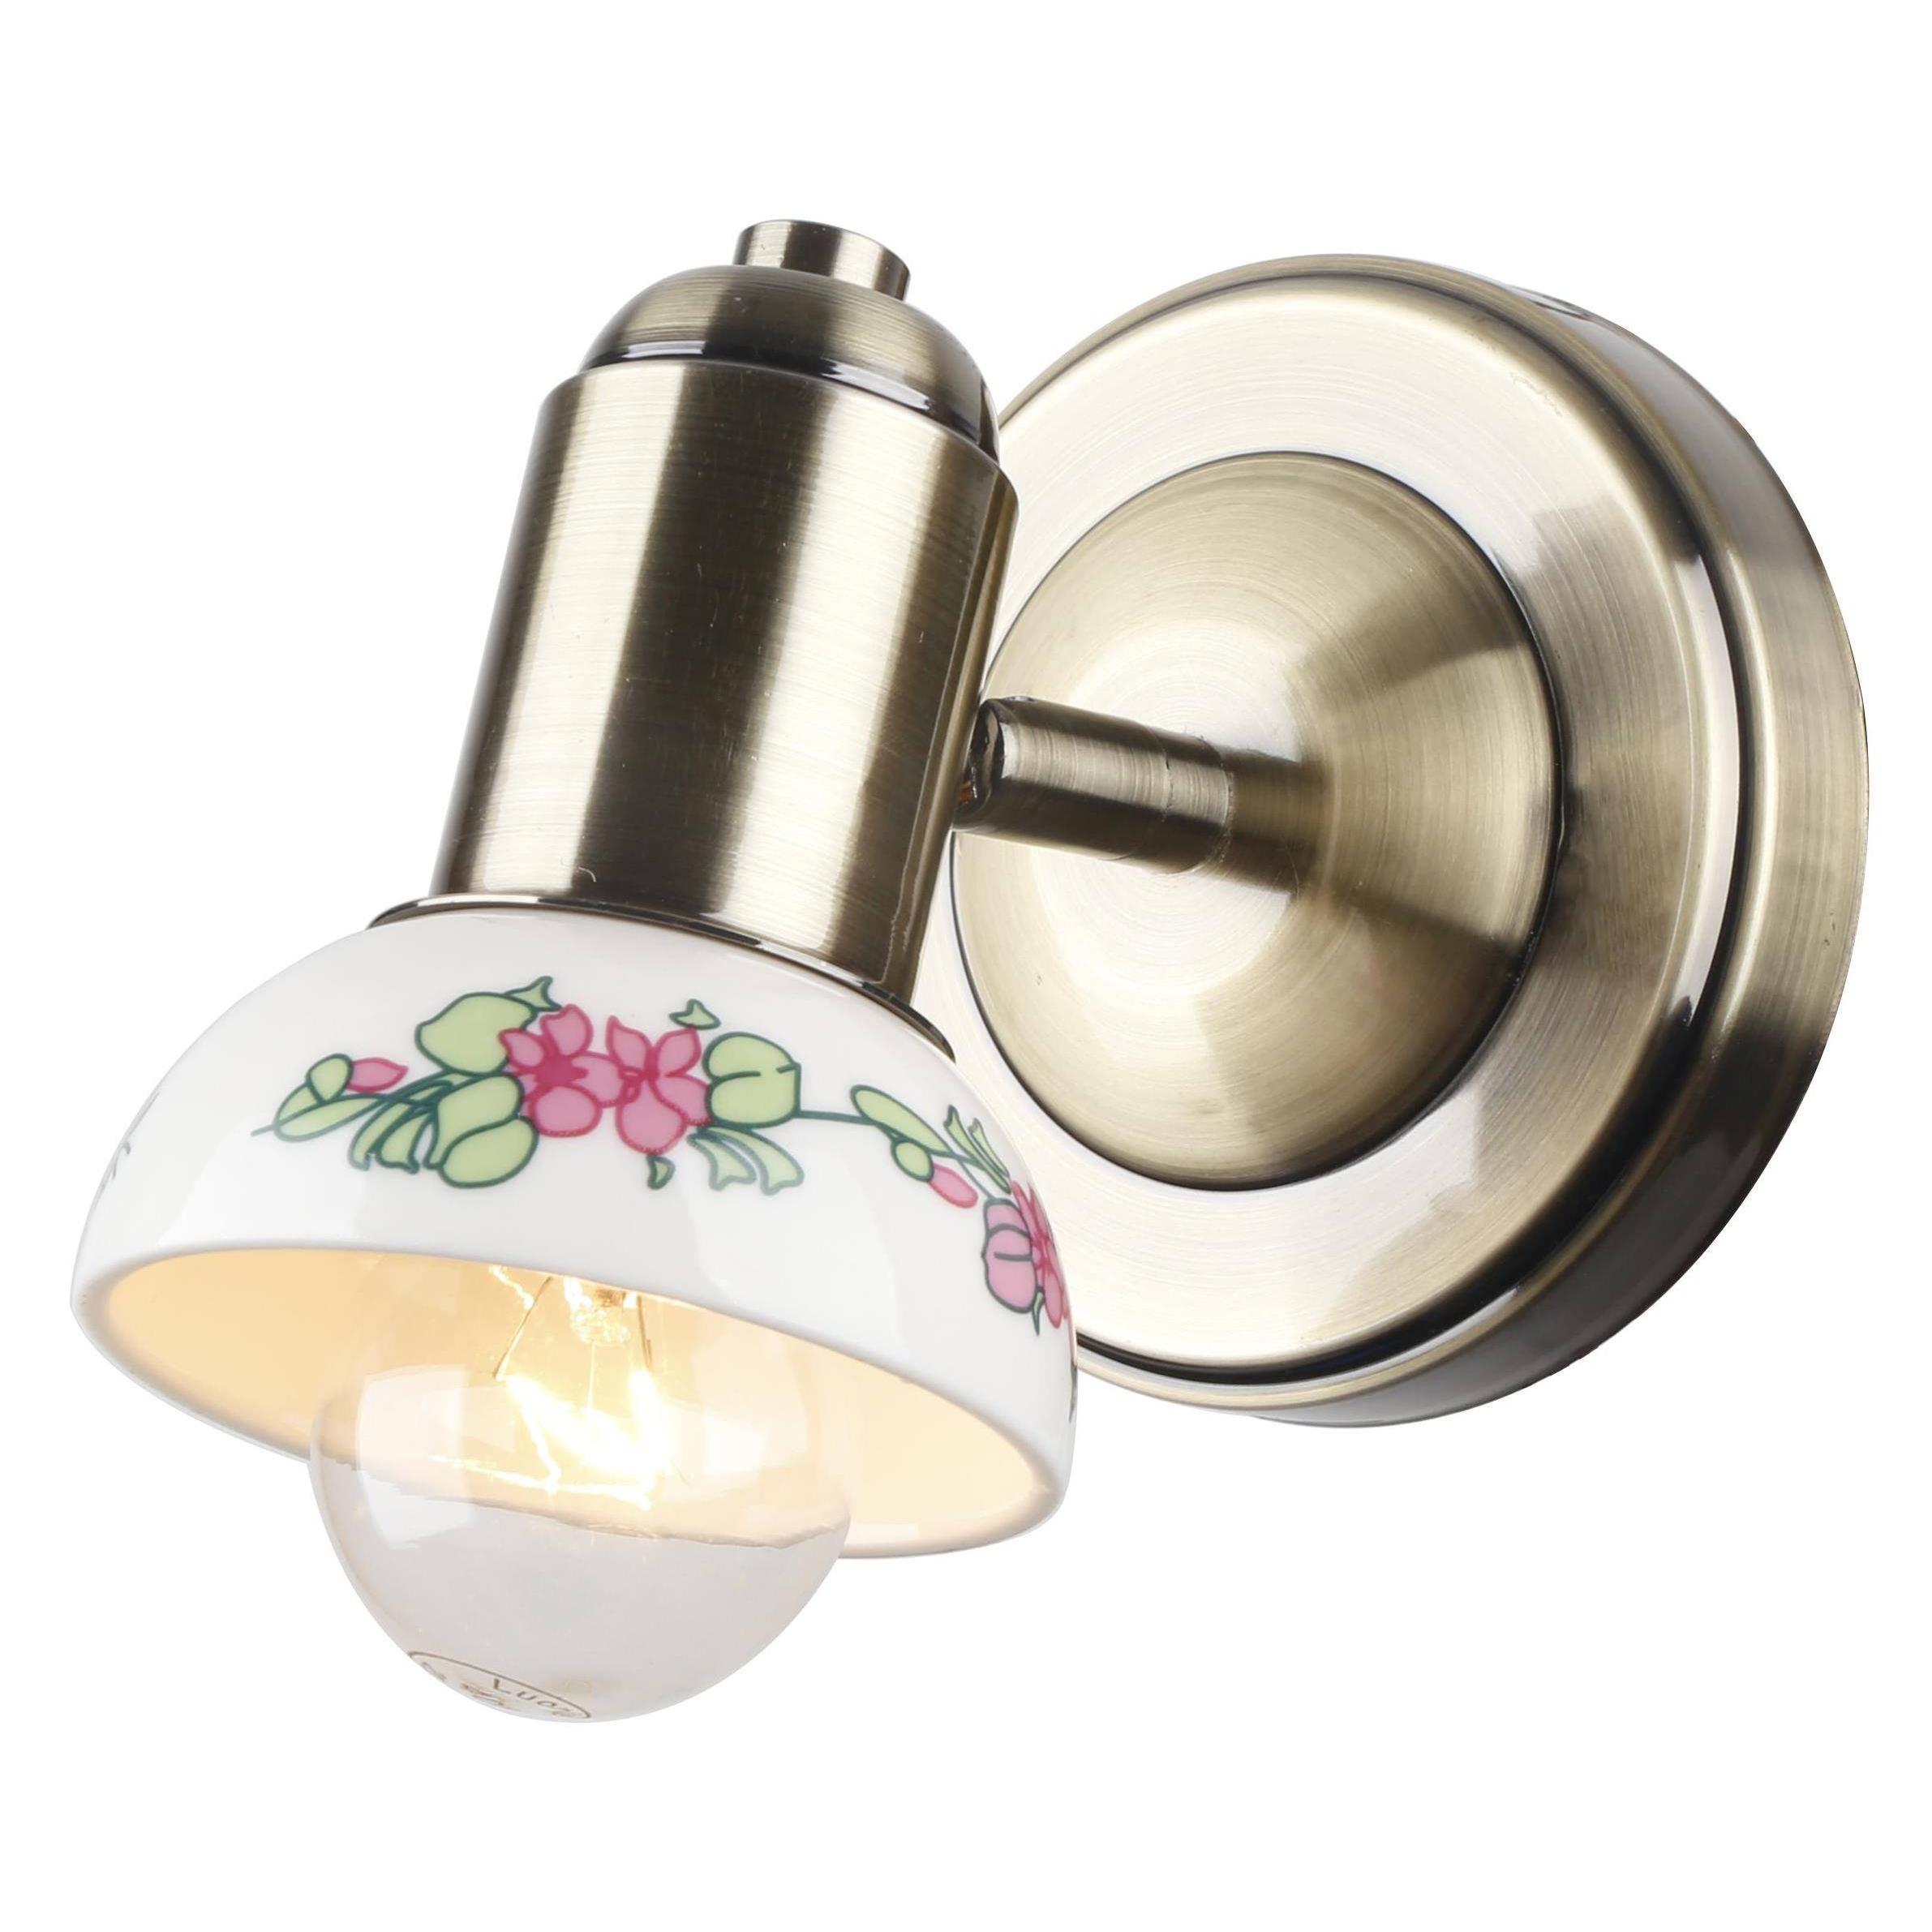 Светильник настенный Escada Alba 164/1a настенный светильник escada 121 1a e14х40w antique green